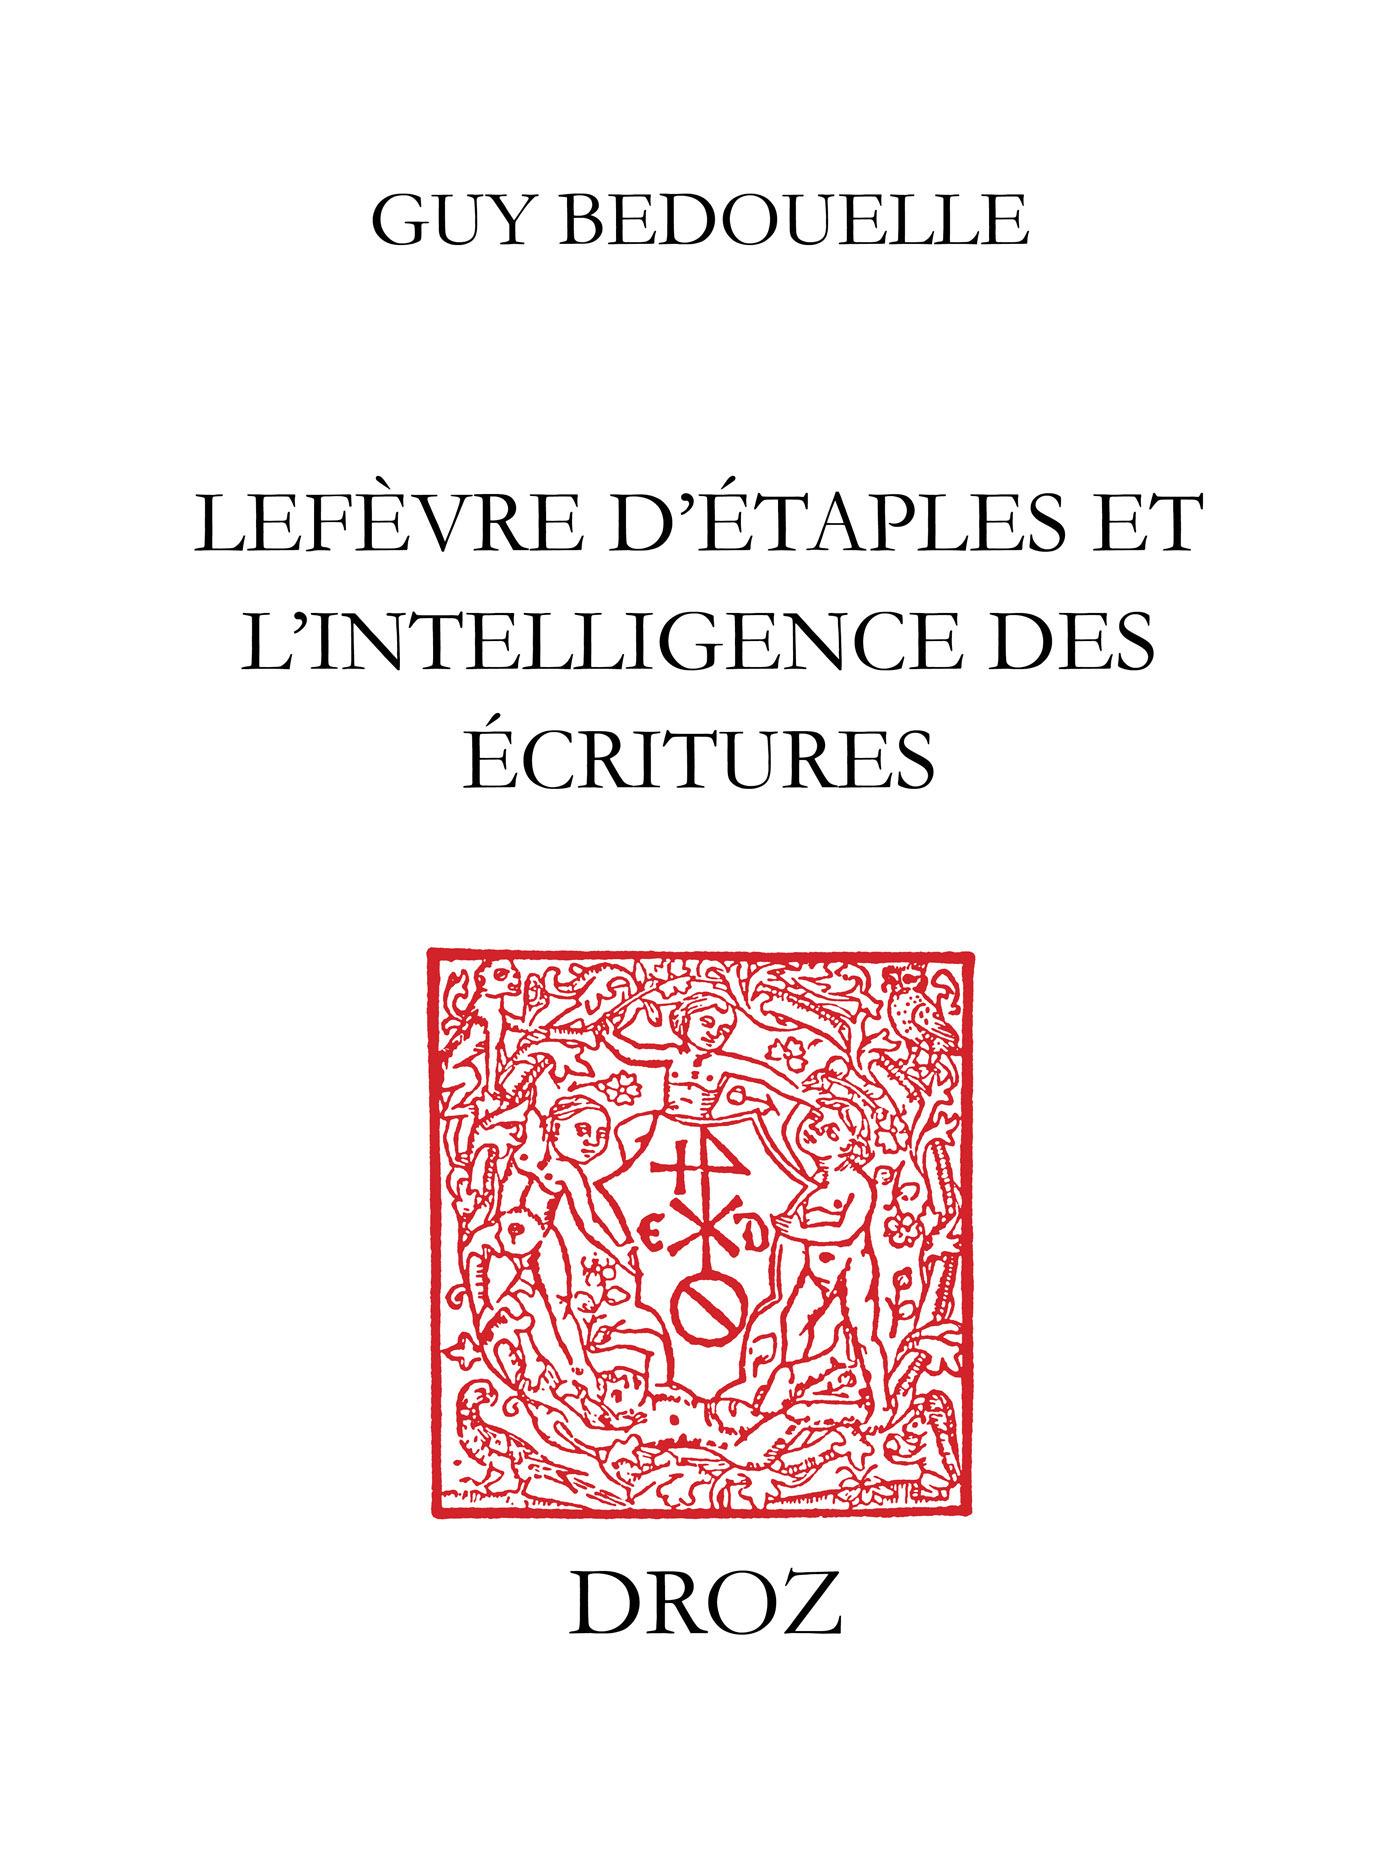 Lefèvre d´Etaples et l´intelligence des Ecritures  - Guy BEDOUELLE